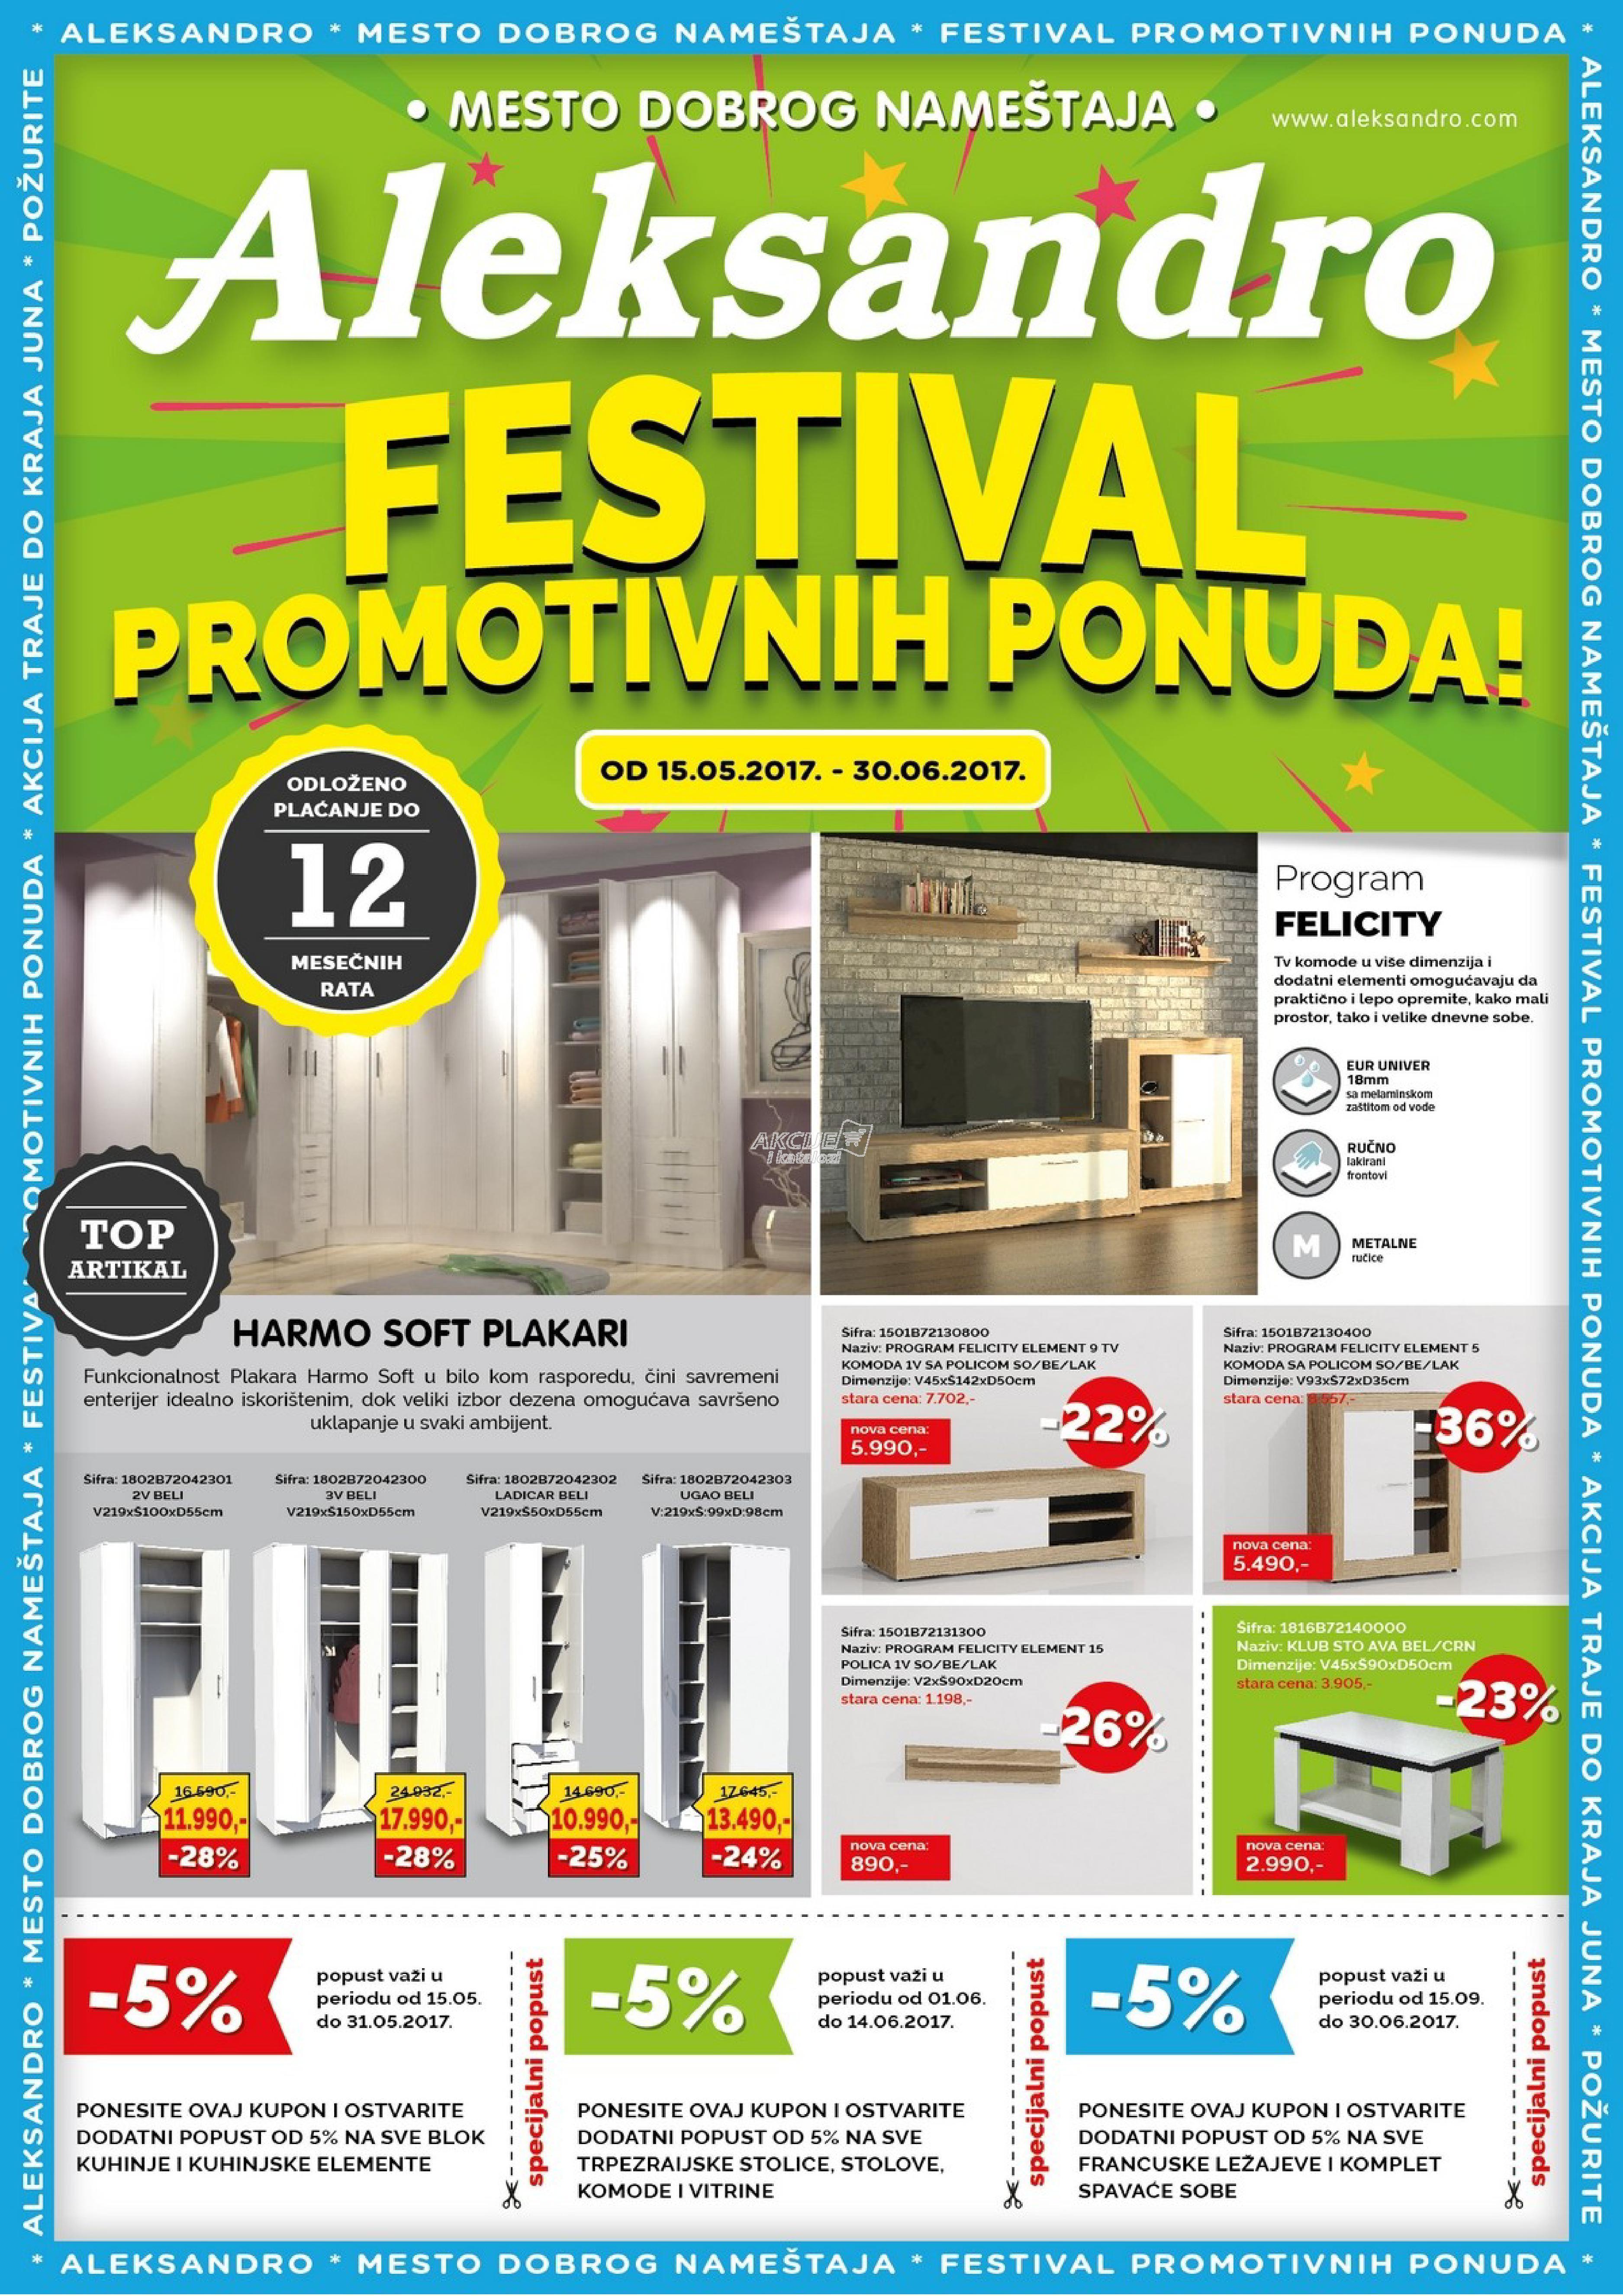 Aleksandro akcija festival super cena